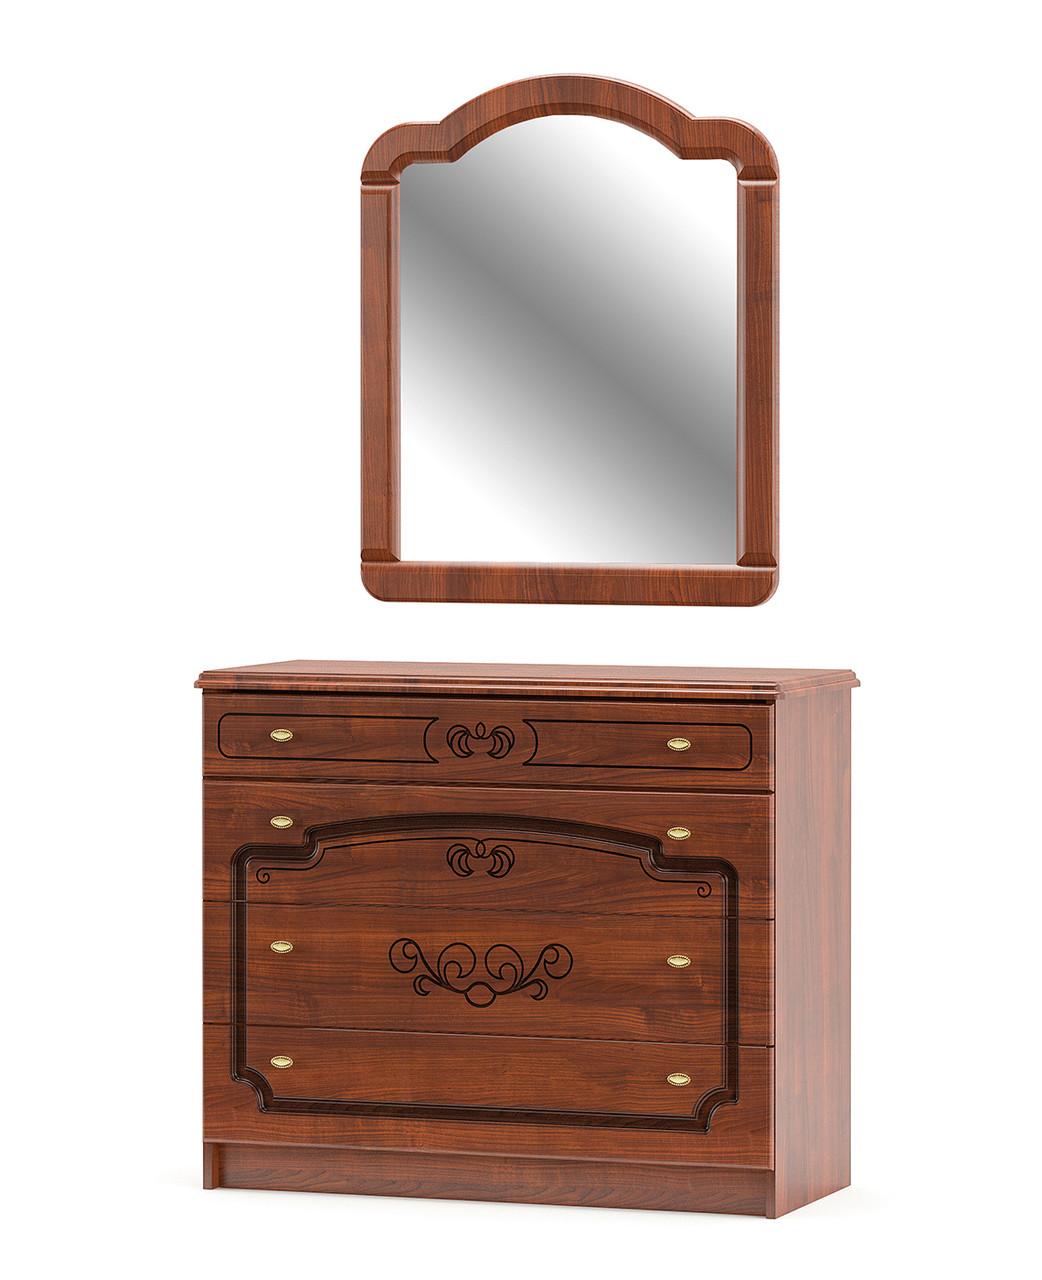 Комод + зеркало Бароко Мебель-сервис